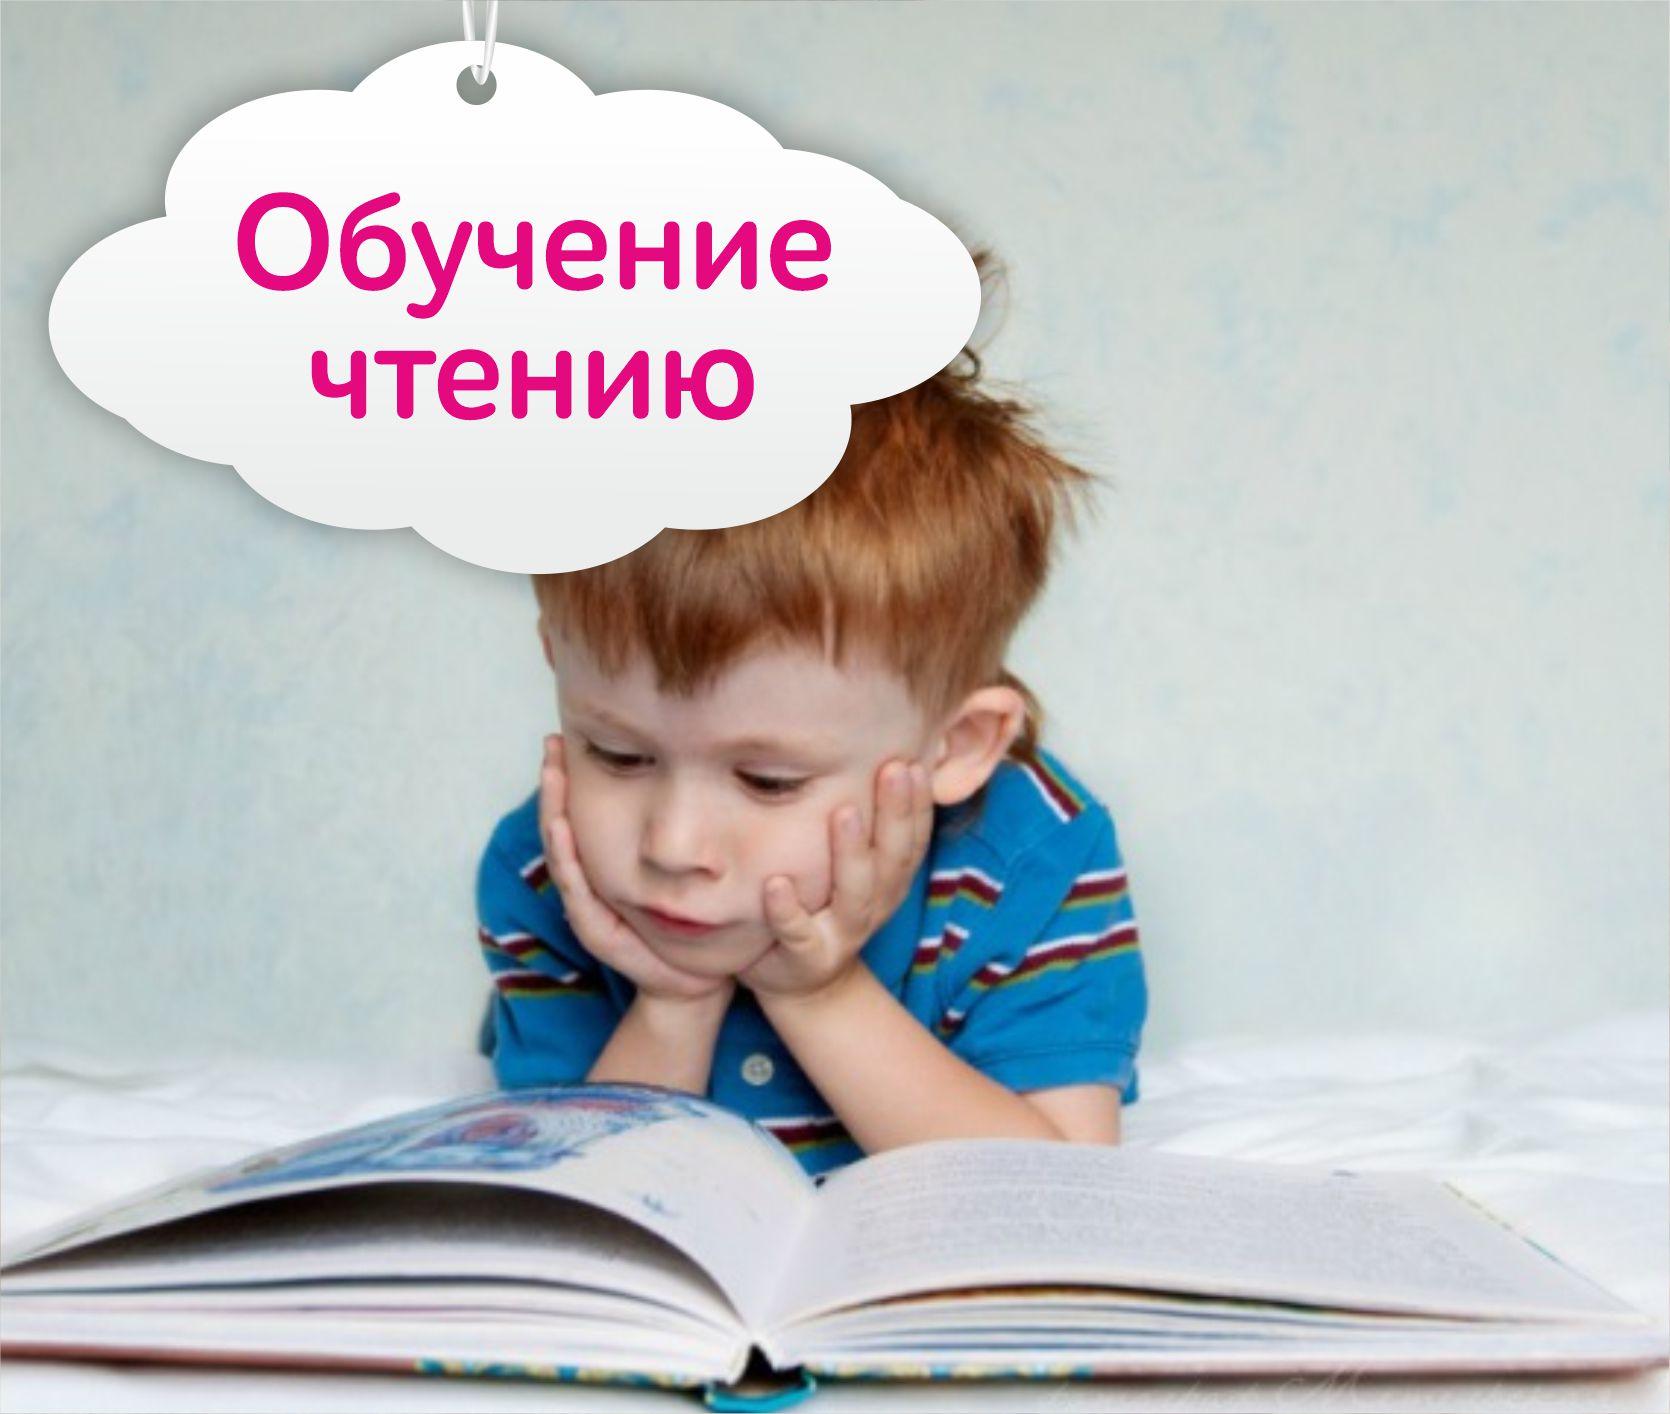 Книги и творчество, Дошкольное обучение, детские